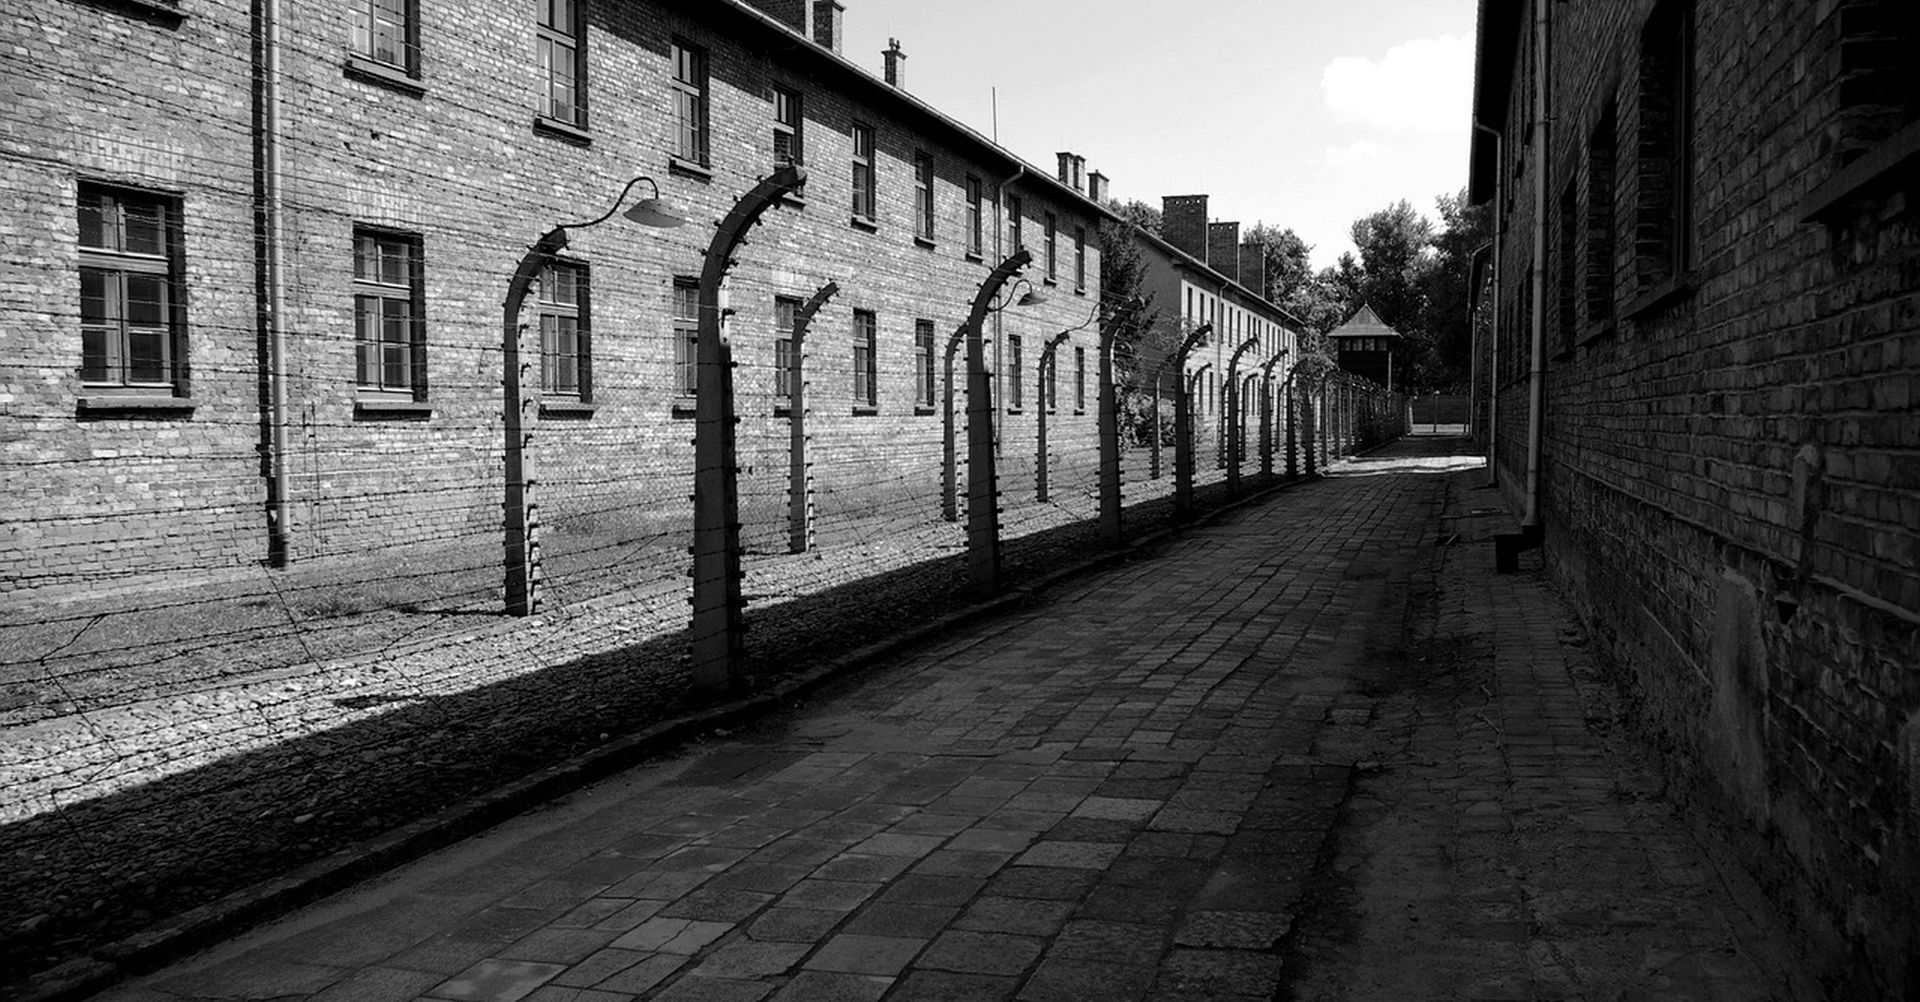 OBJAVLJIVANJE DOKUMENATA UN-a Saveznici su još 1942. godine znali za Holokaust